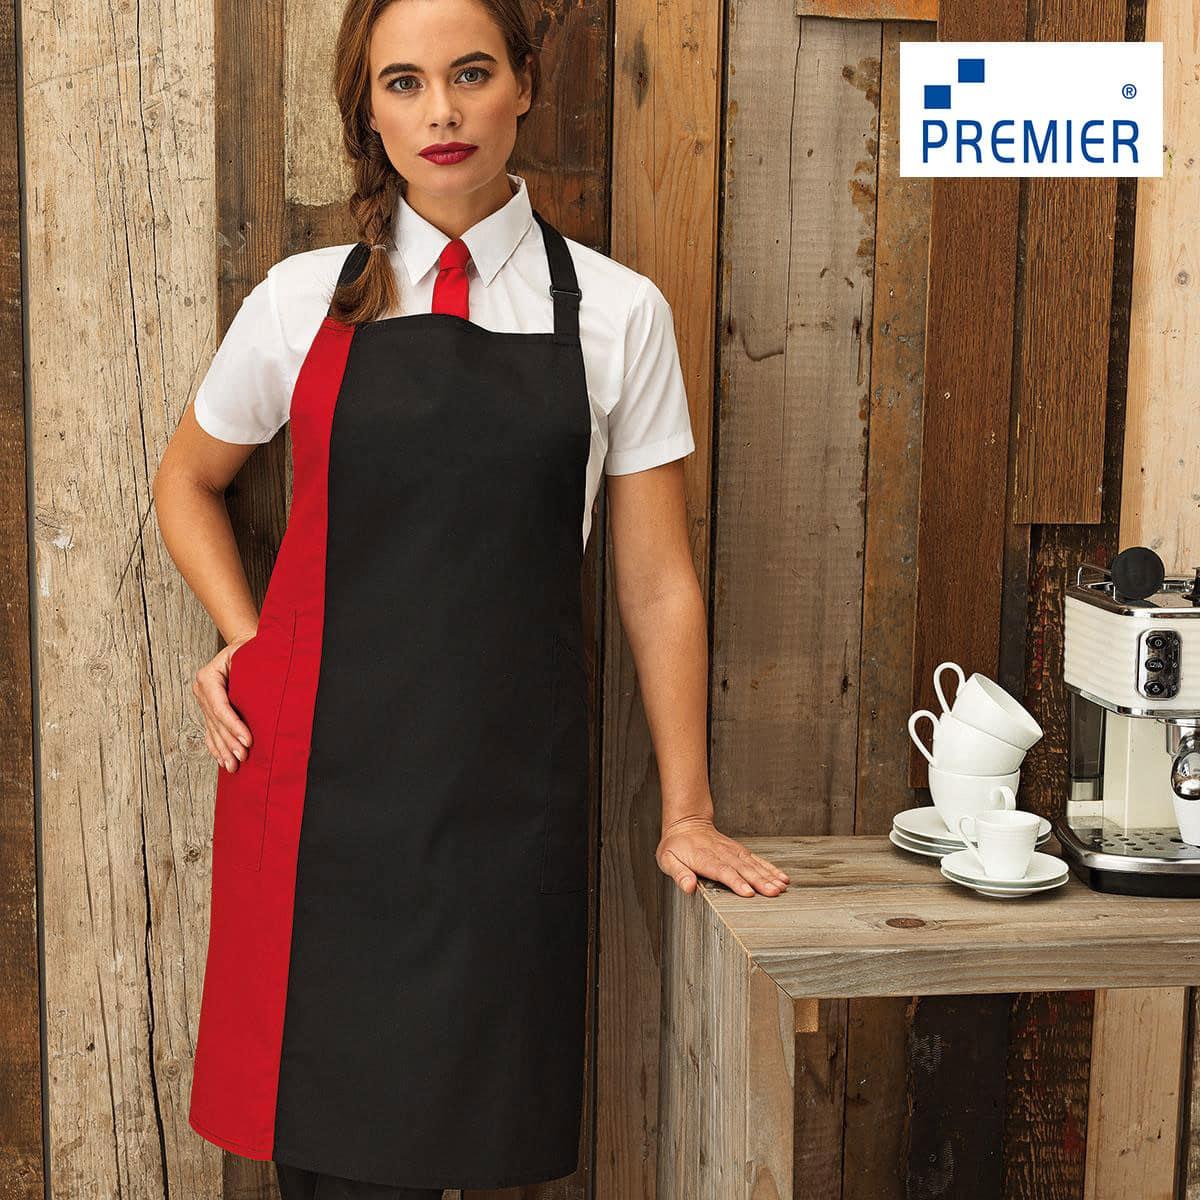 Ragazza con treccia e grembiule rosso e nero, appoggiata a un bancone con tazze e macchina espresso